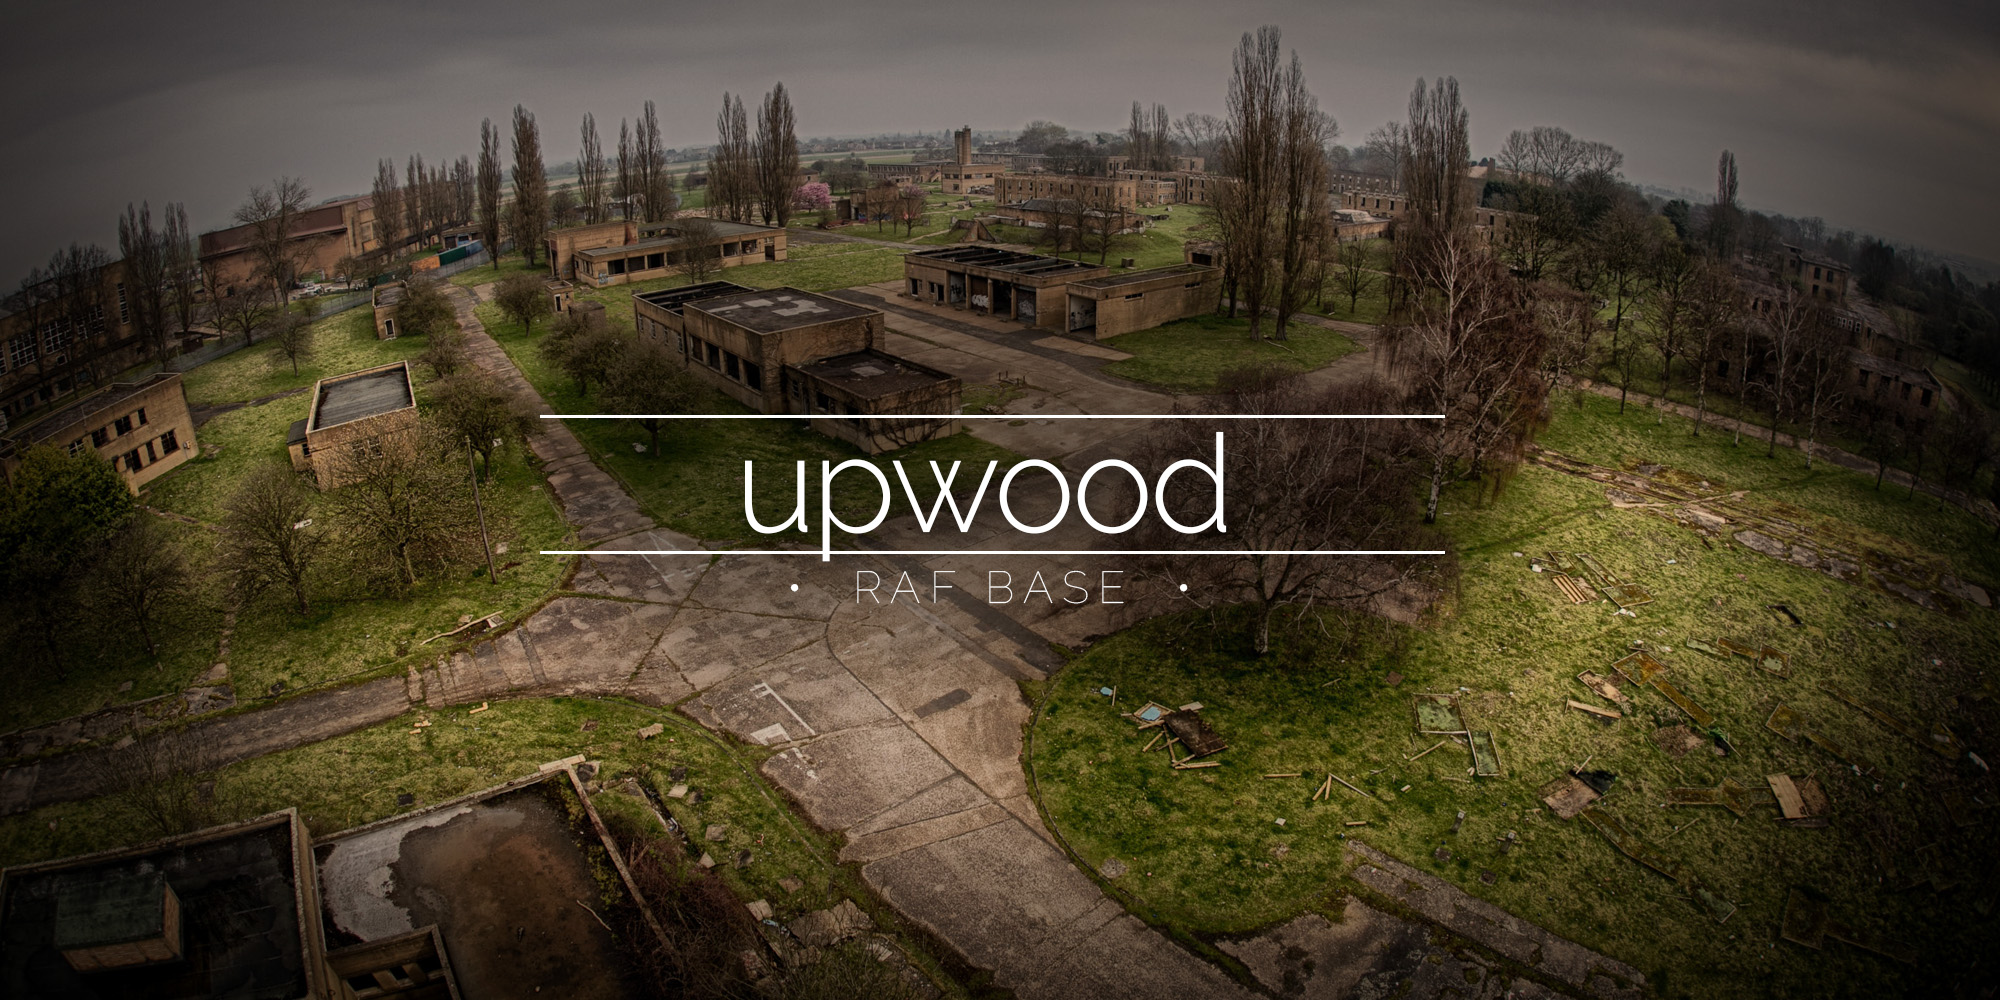 RAF Upwood